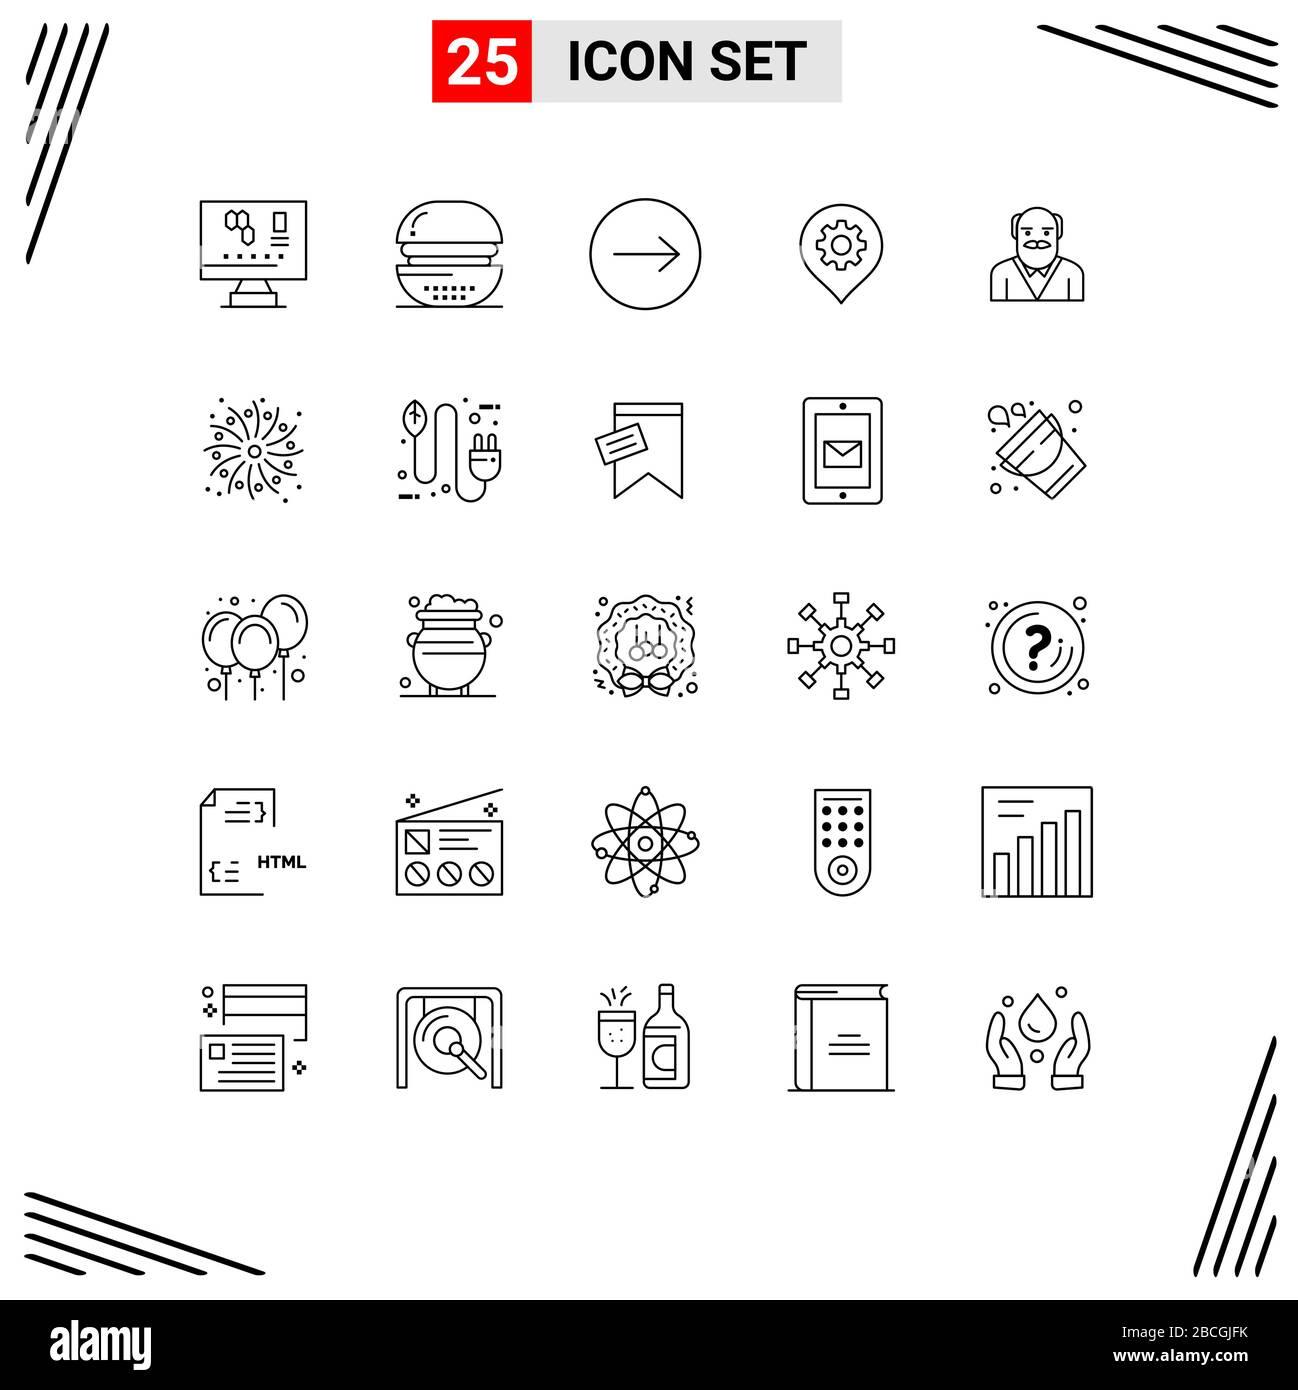 25 concepto de línea para sitios web móviles y aplicaciones padre, mapa, comida, ubicación, engranaje elementos de diseño vectorial editables Ilustración del Vector